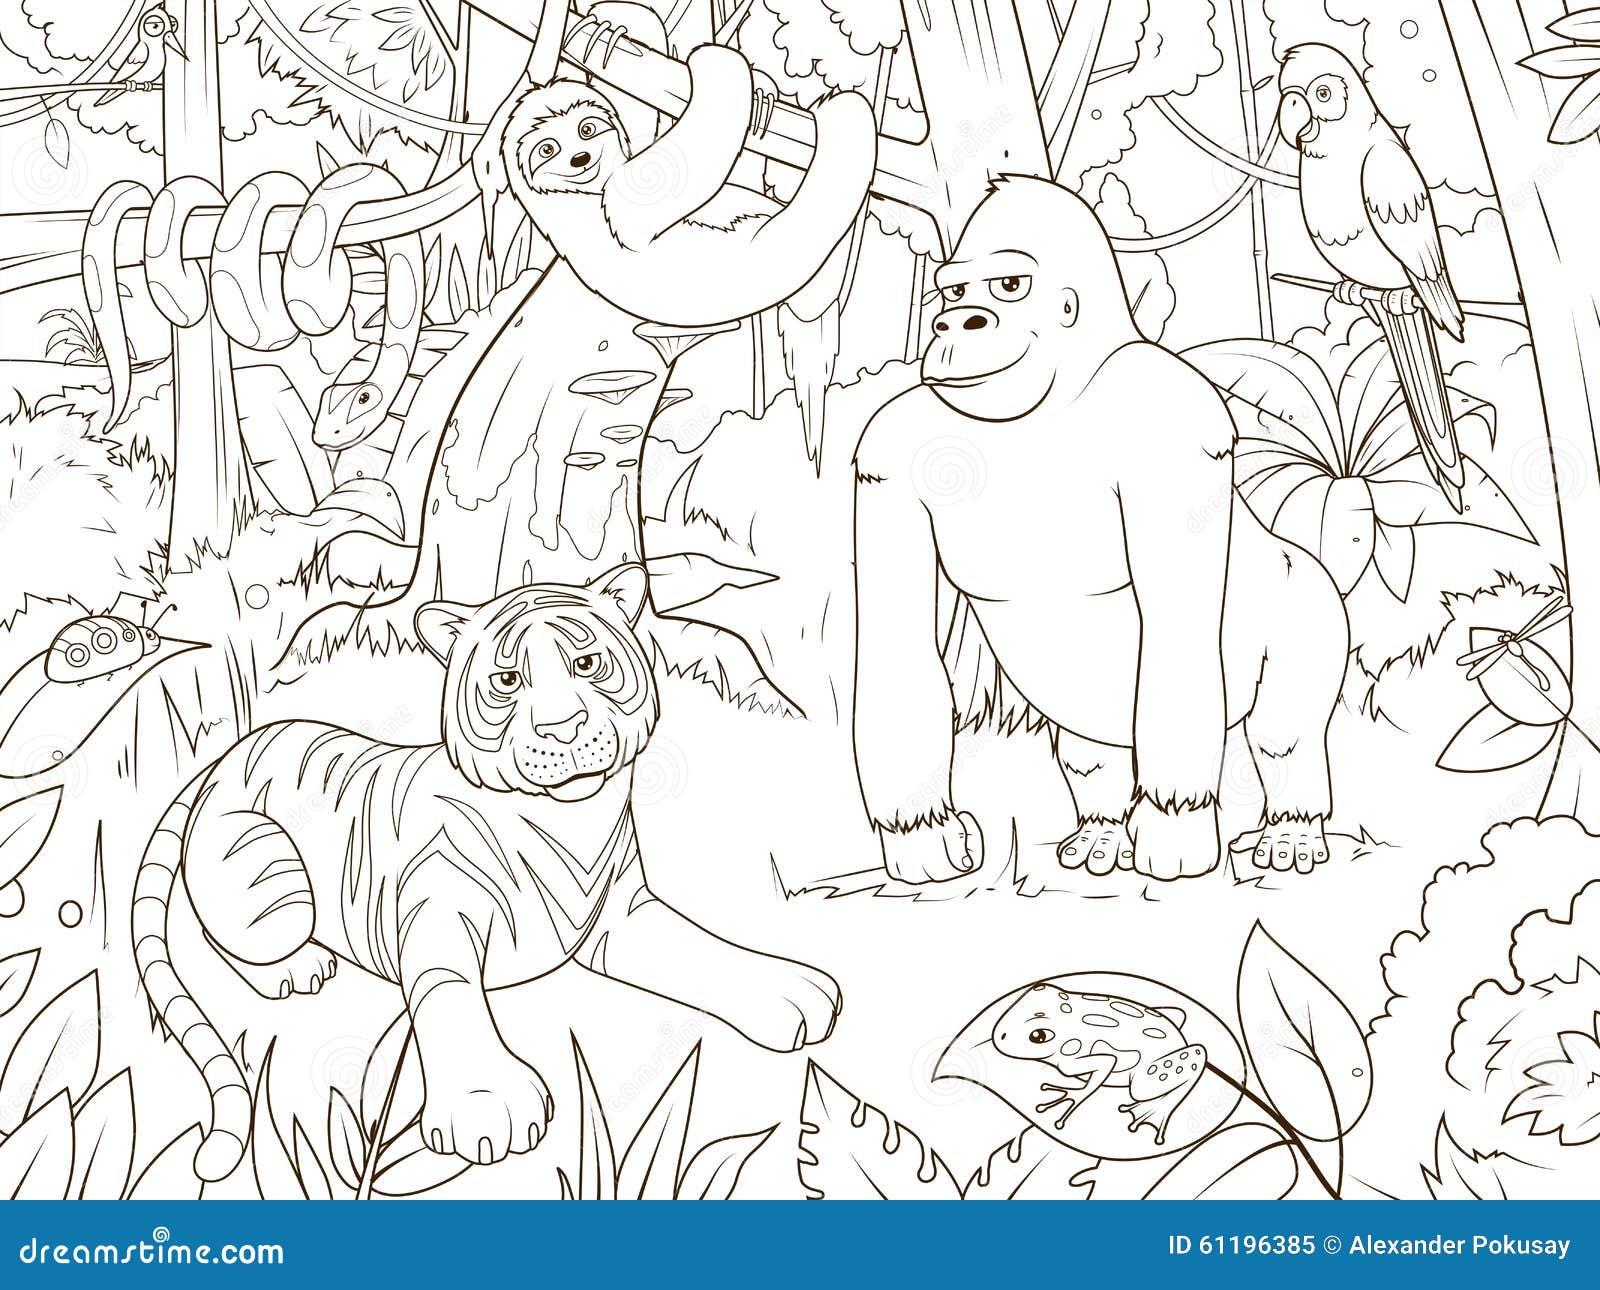 vetor do livro para colorir dos desenhos animados dos animais da